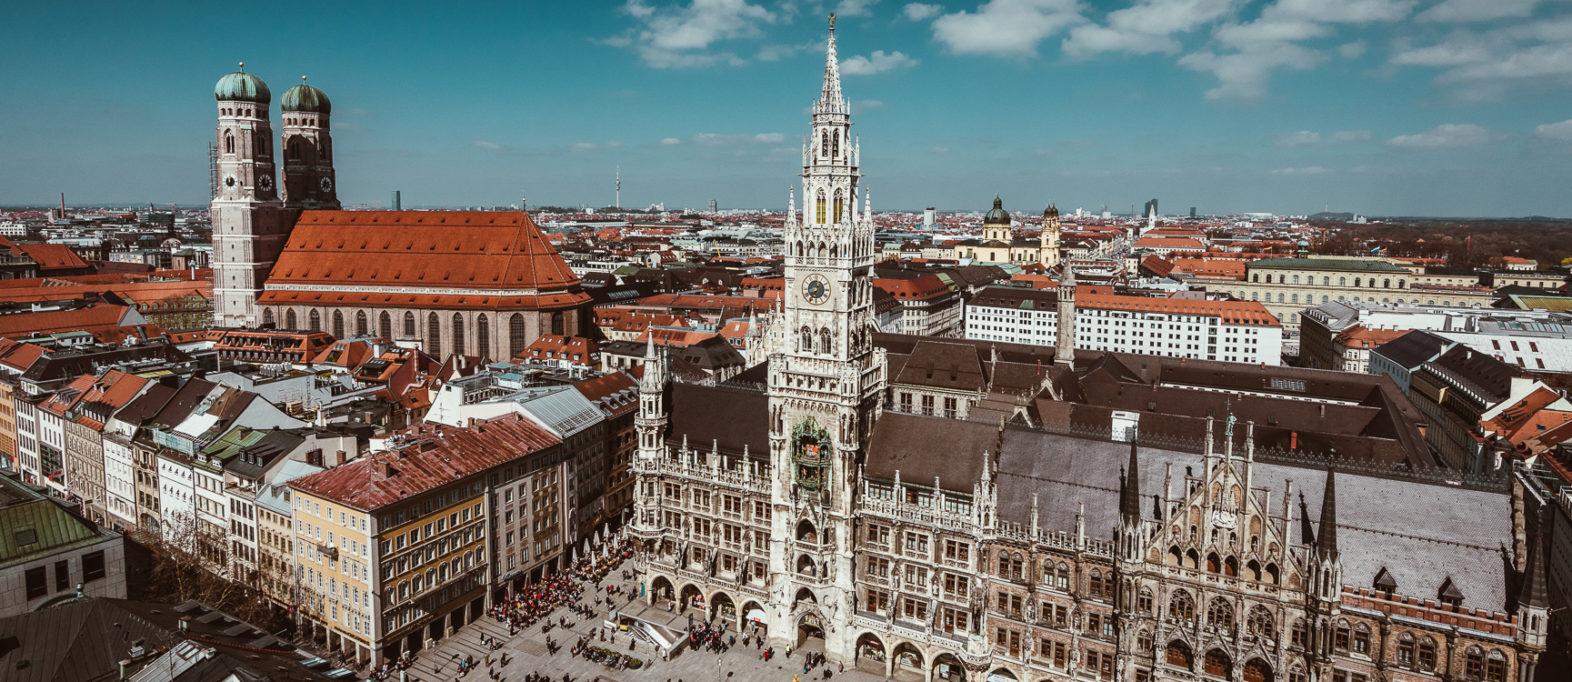 München Tipps: Das kannst du an einem Wochenende erleben!